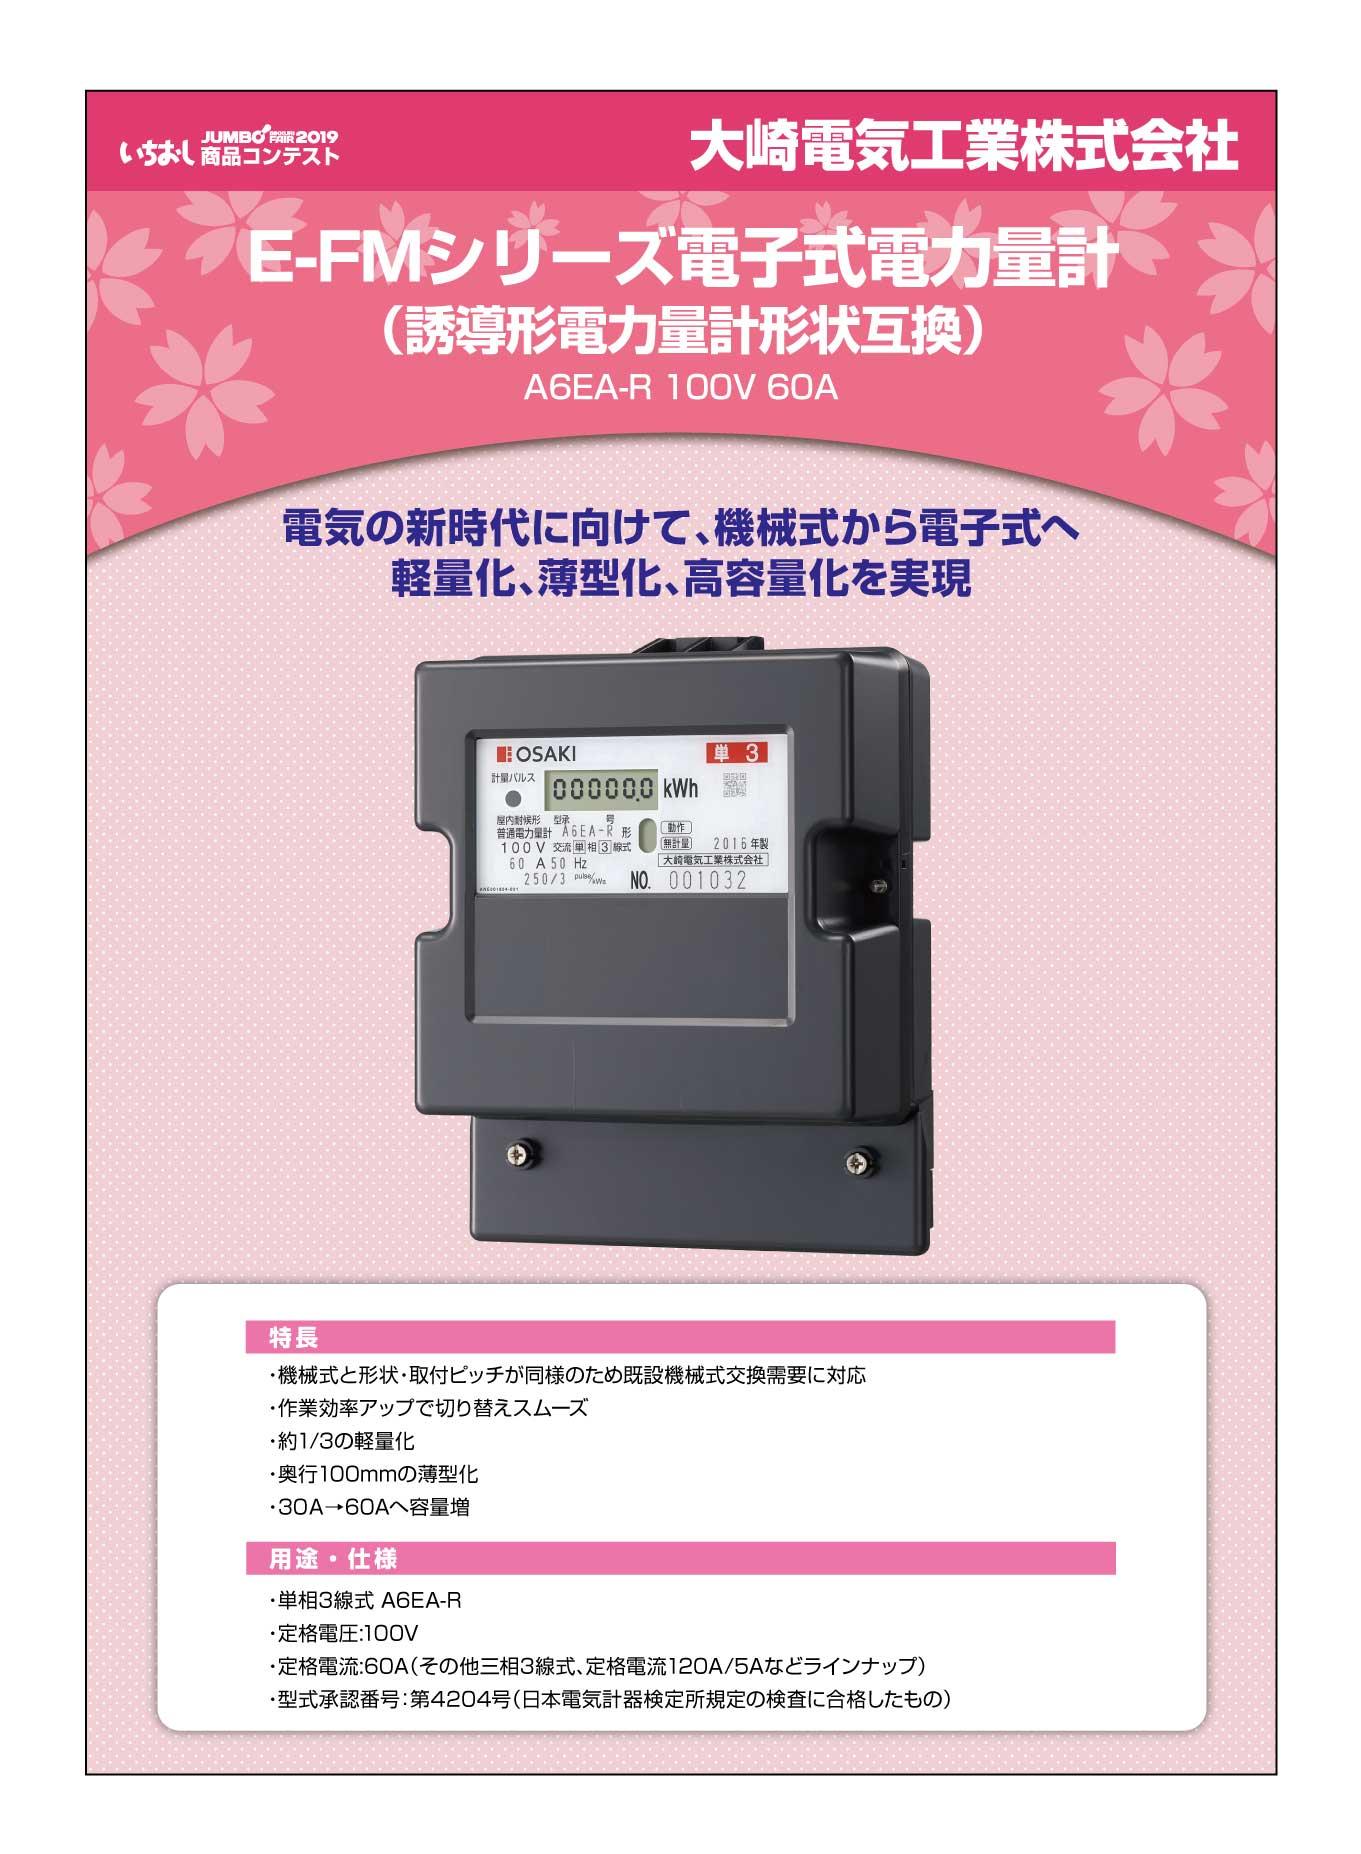 「E-FMシリーズ電子式電力量計」大崎電気工業株式会社の画像